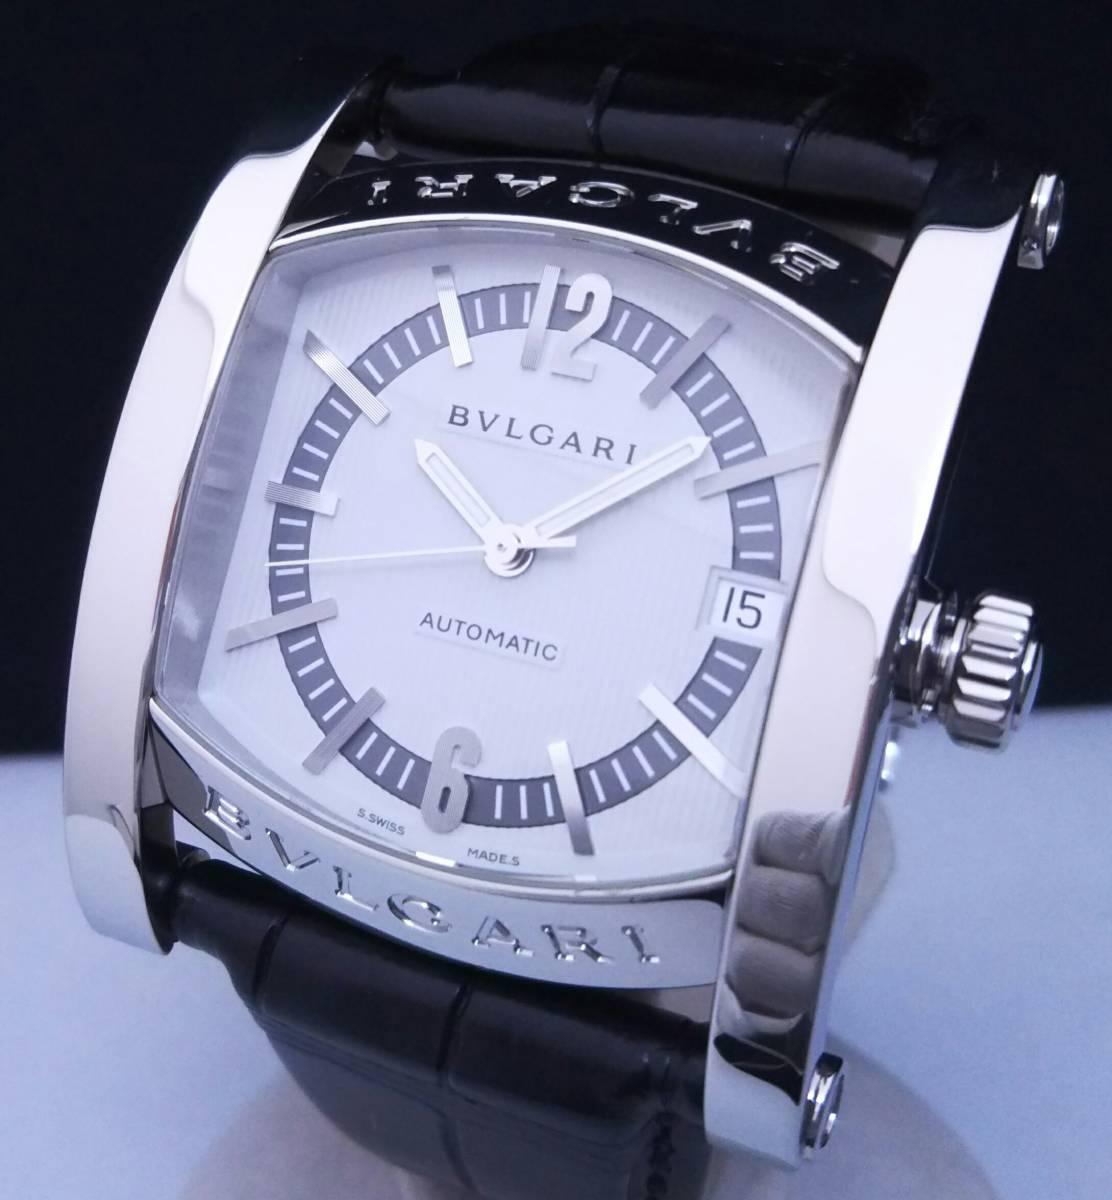 【OH・研磨済!】BVLGARI ブルガリ ASSIOMA アショーマ AA44S メンズ腕時計 デイト SS×黒革 白文字盤 自動巻 店舗受取可_画像2